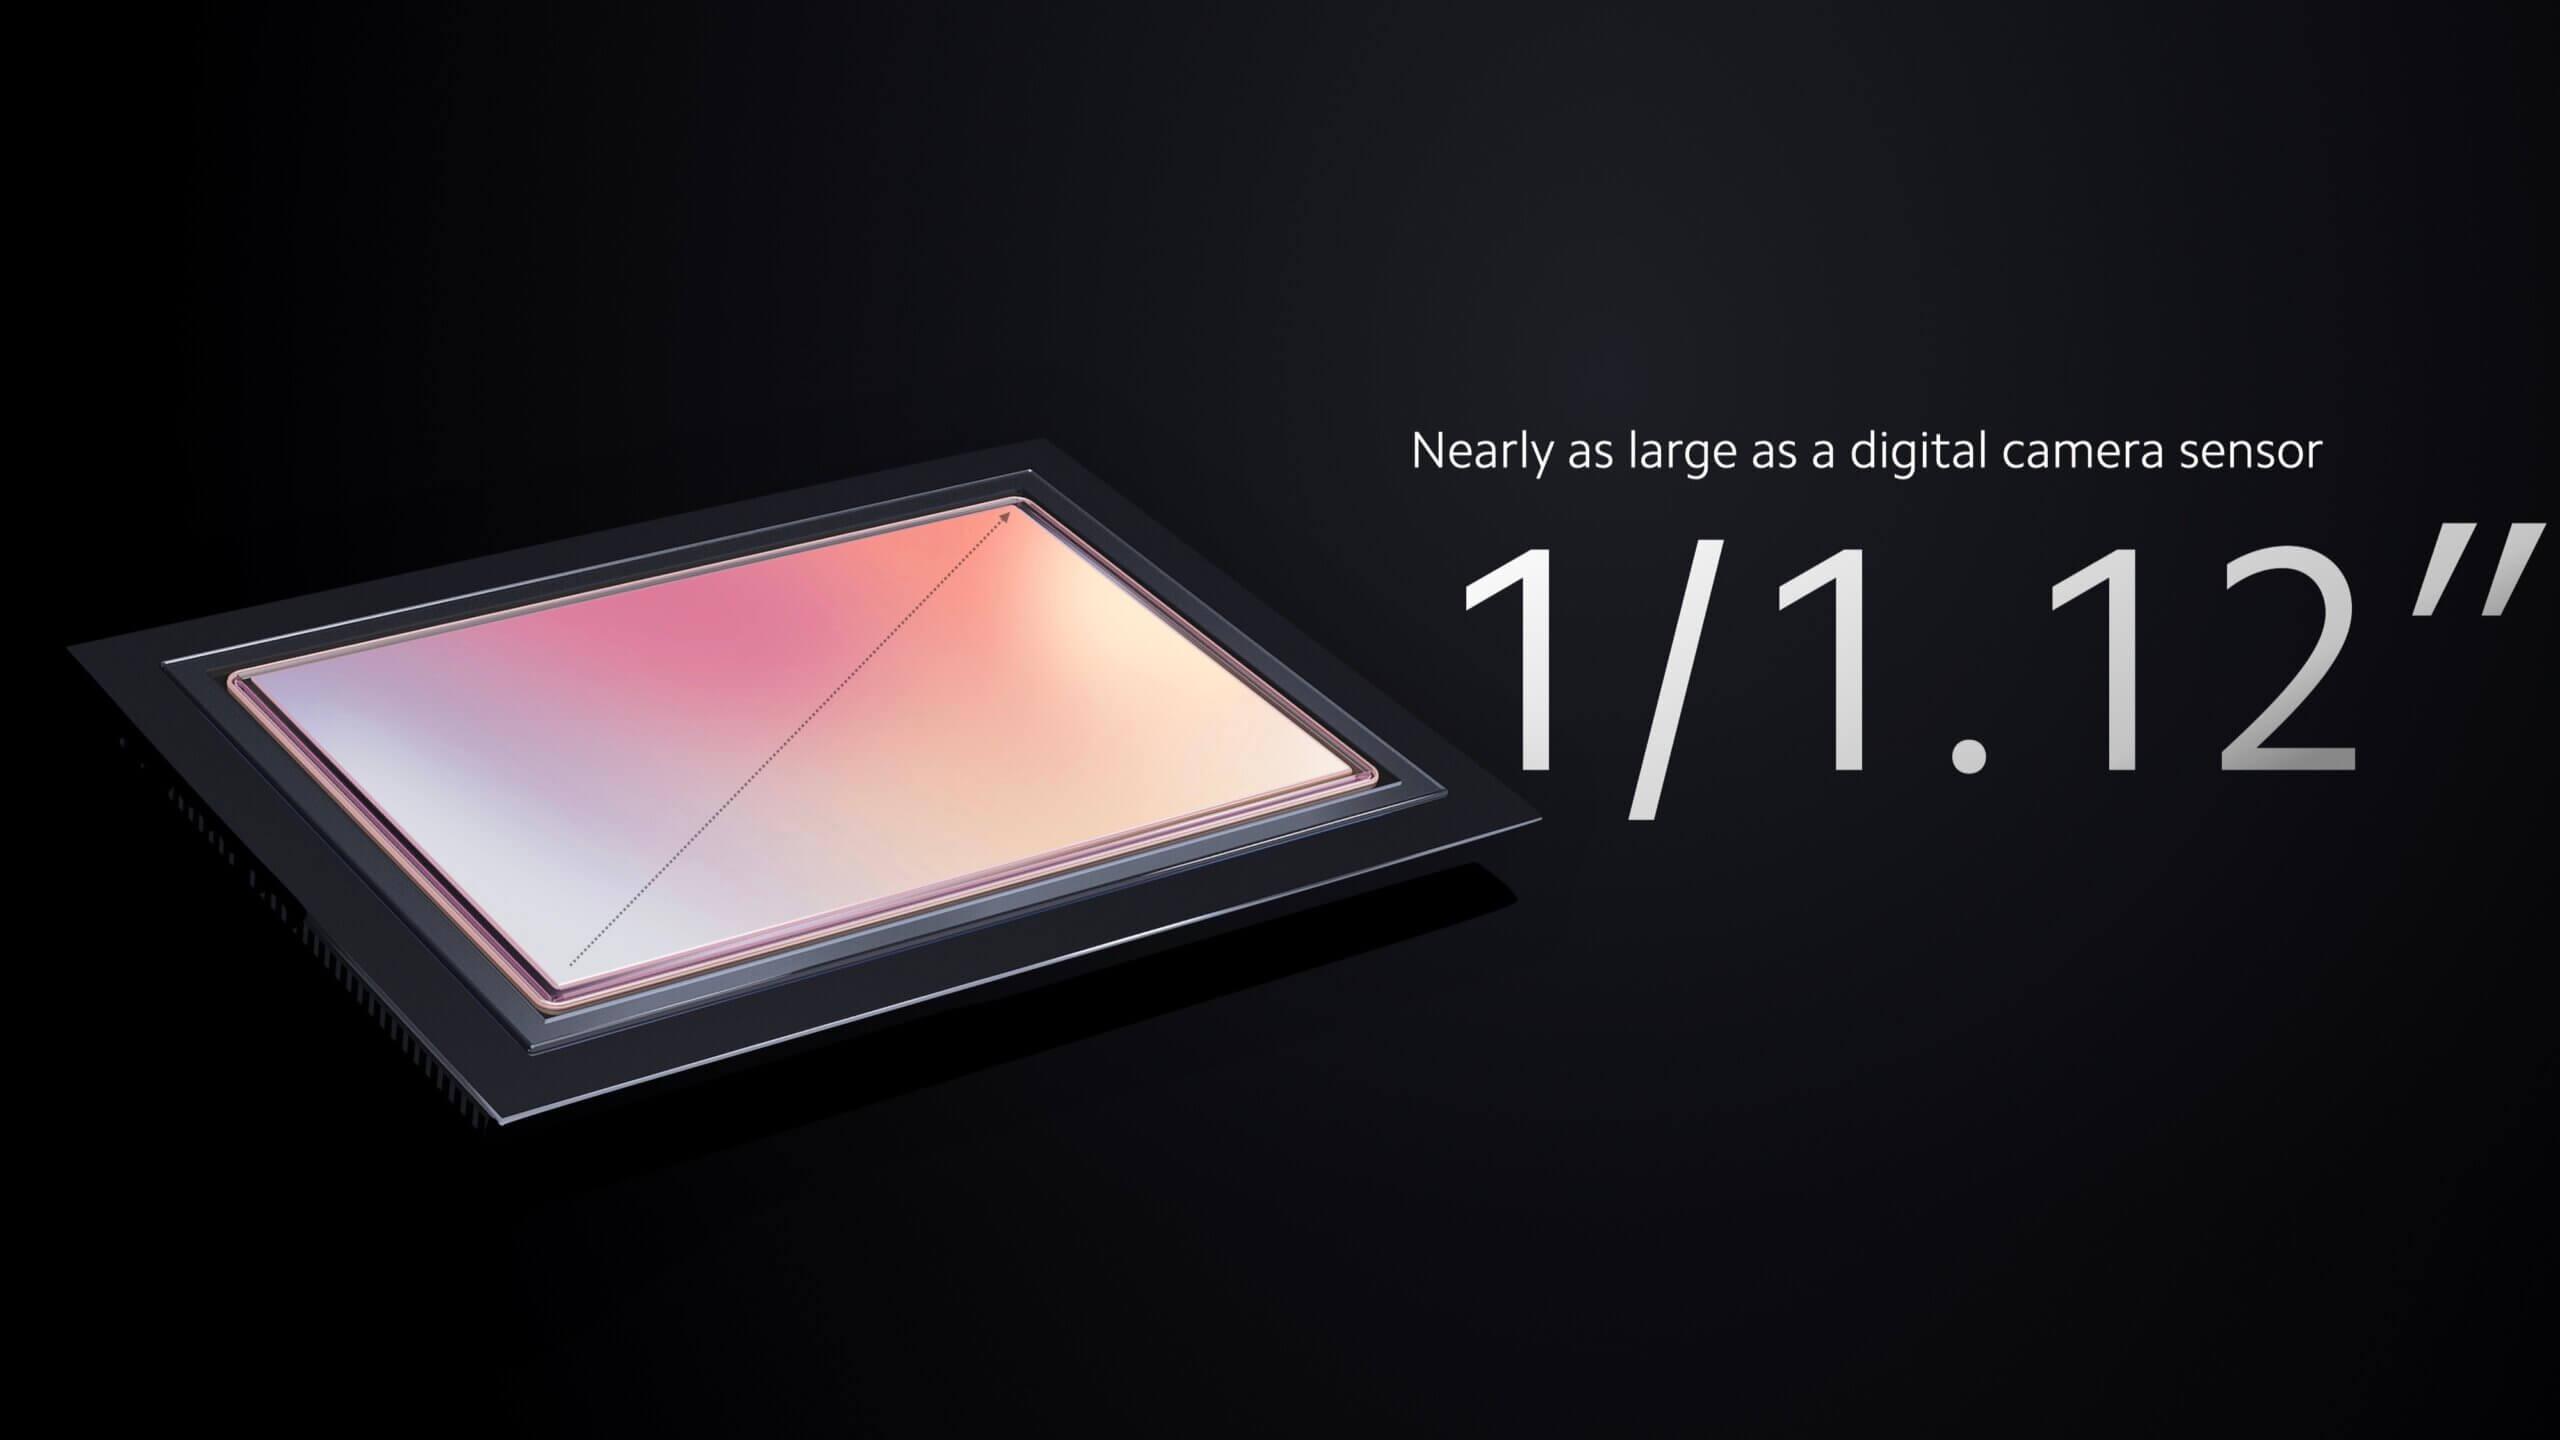 Samsung ISOCELL GN2のイメージセンサーサイズは1/1.12インチ